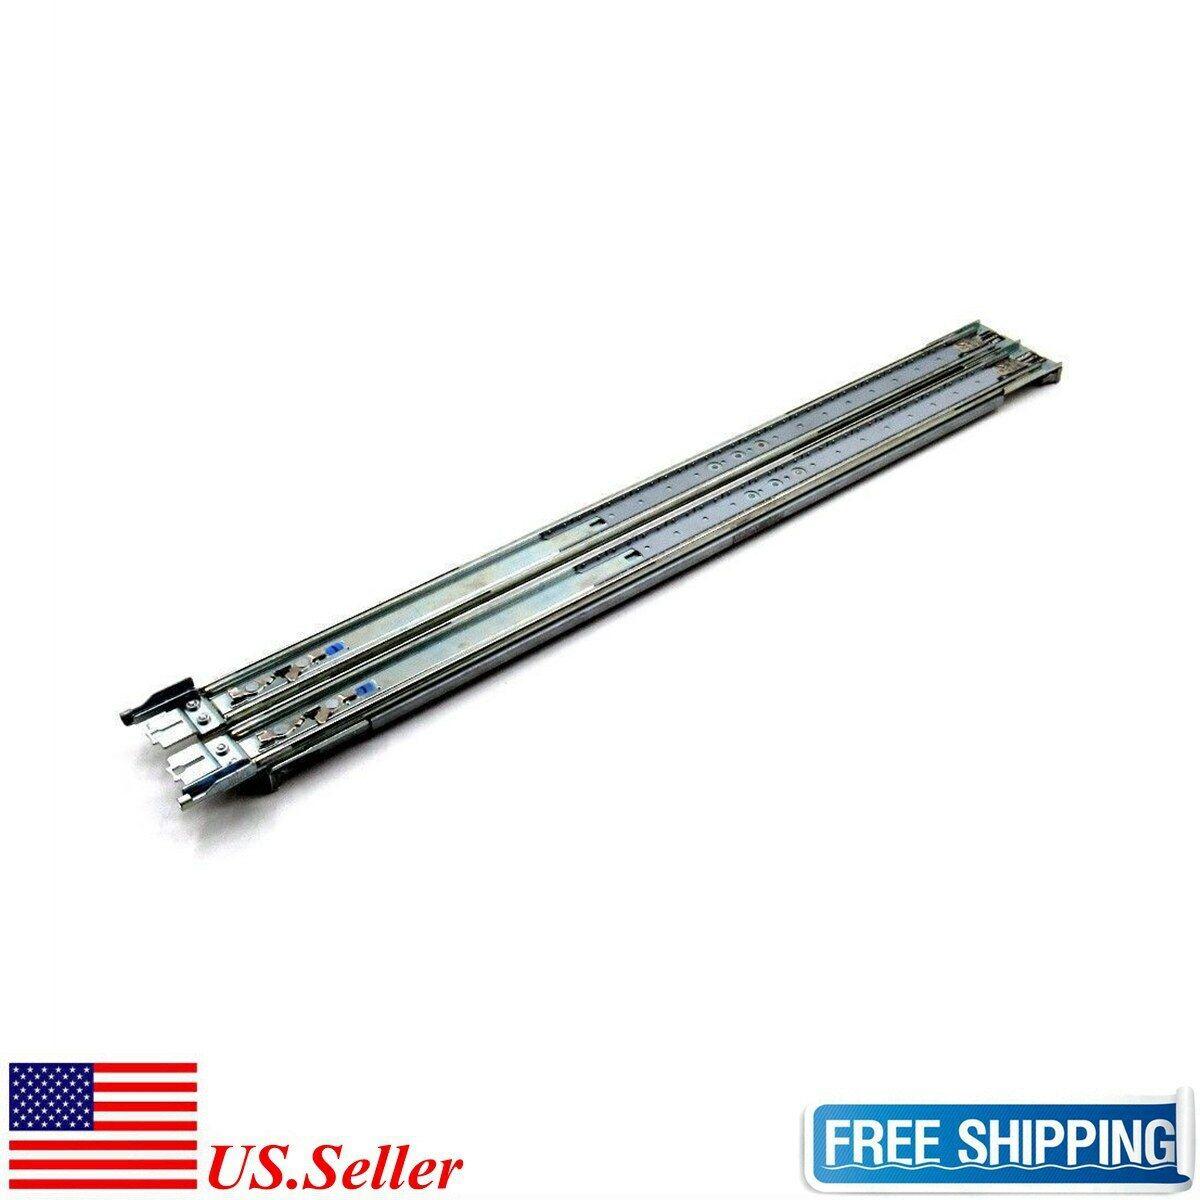 Dell  PowerEdge R410 R415 R310 Inner Rack Rails ONLY Left /& Right  Rails ONLY